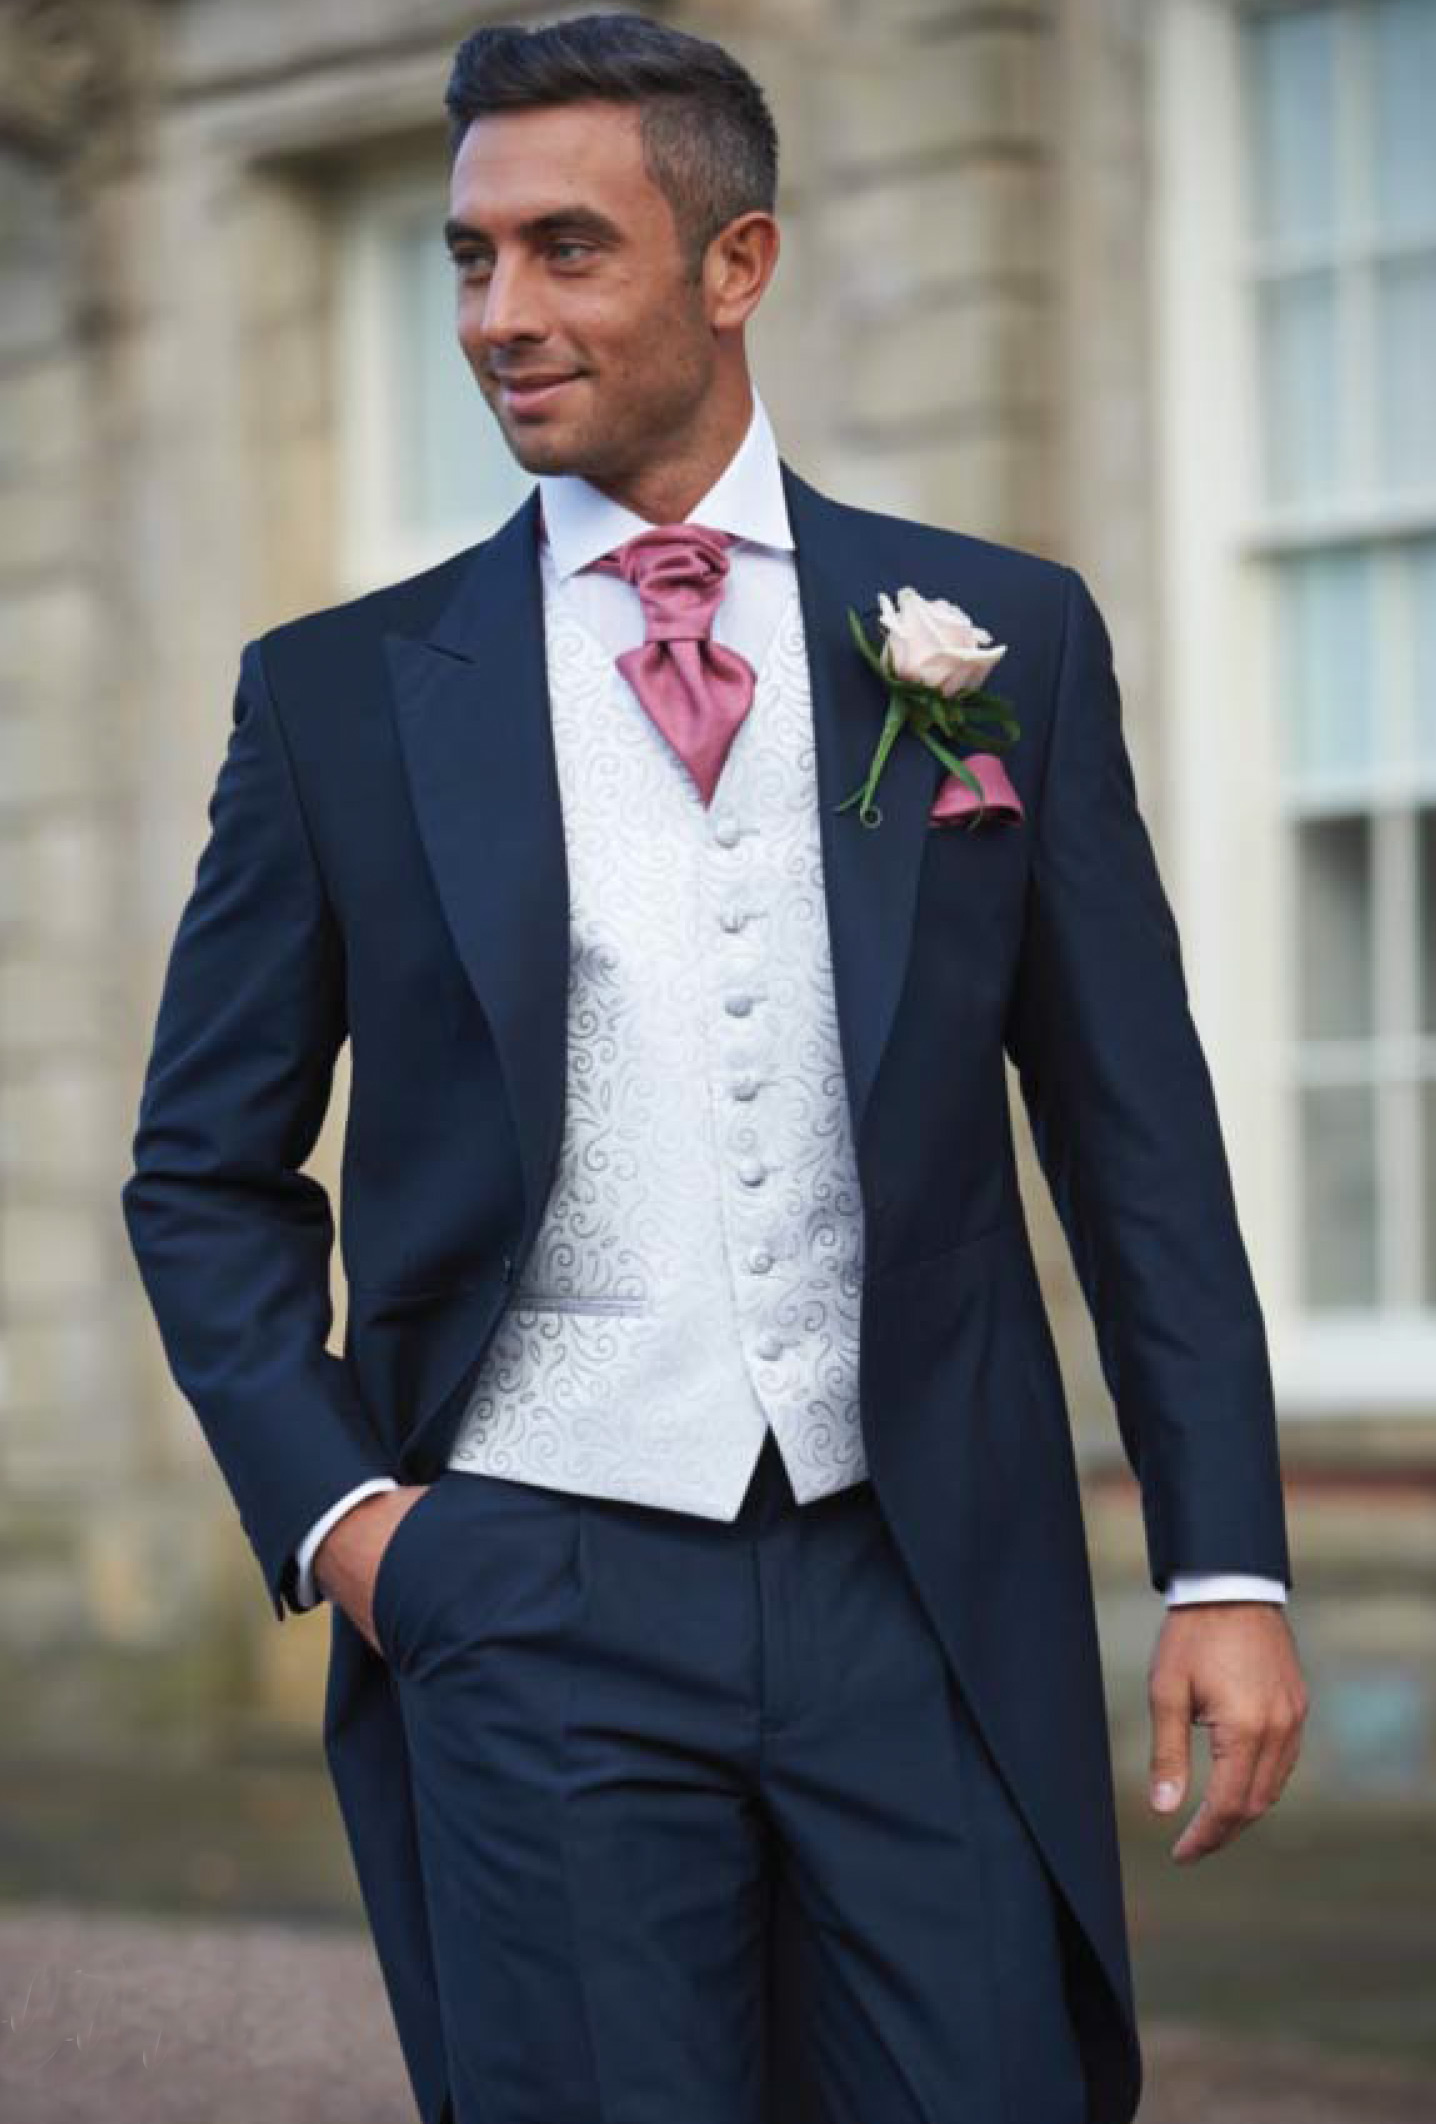 Forton Wedding Suit Hire